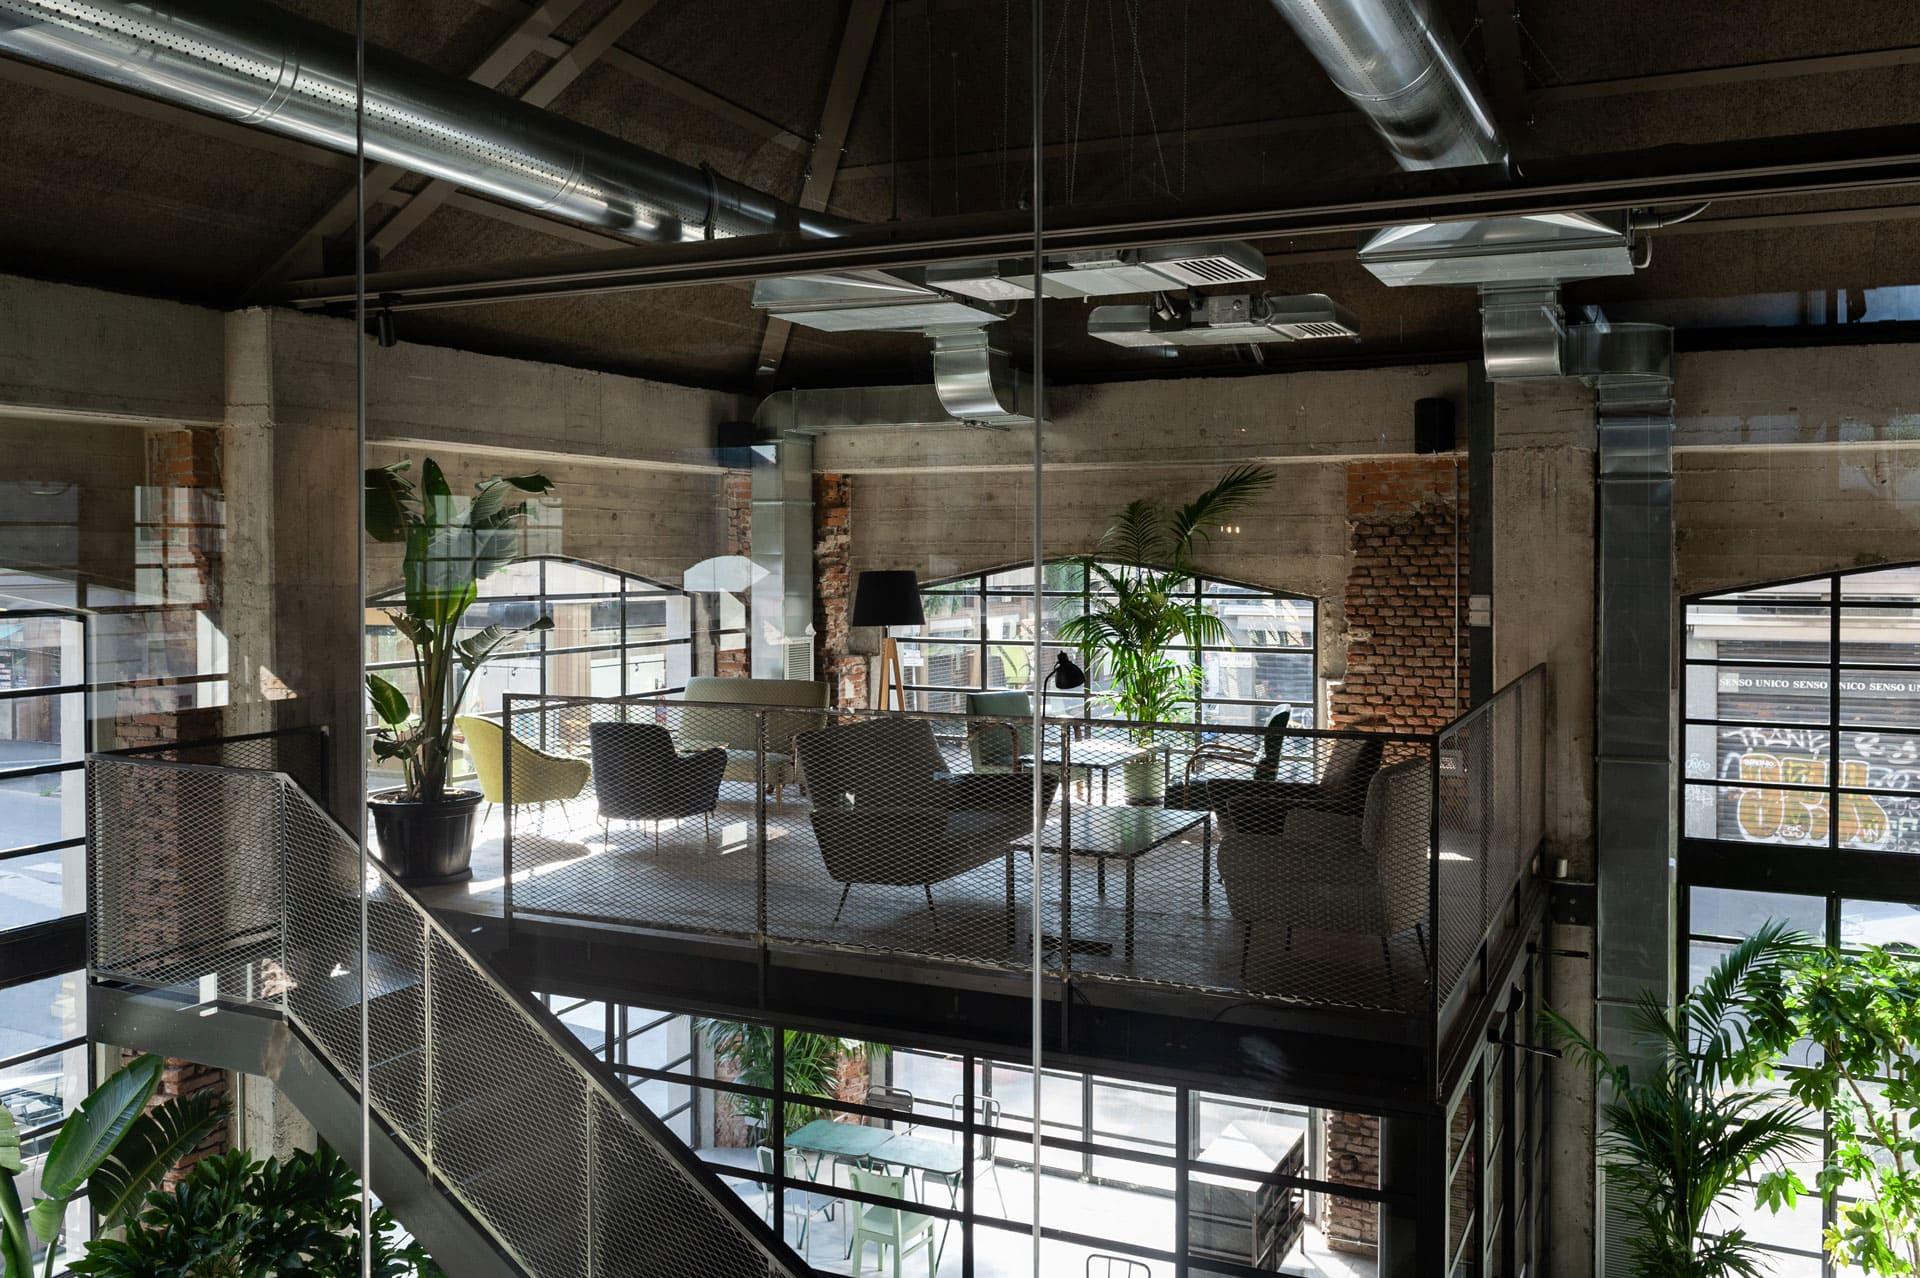 Architettura d'interni moebius milano